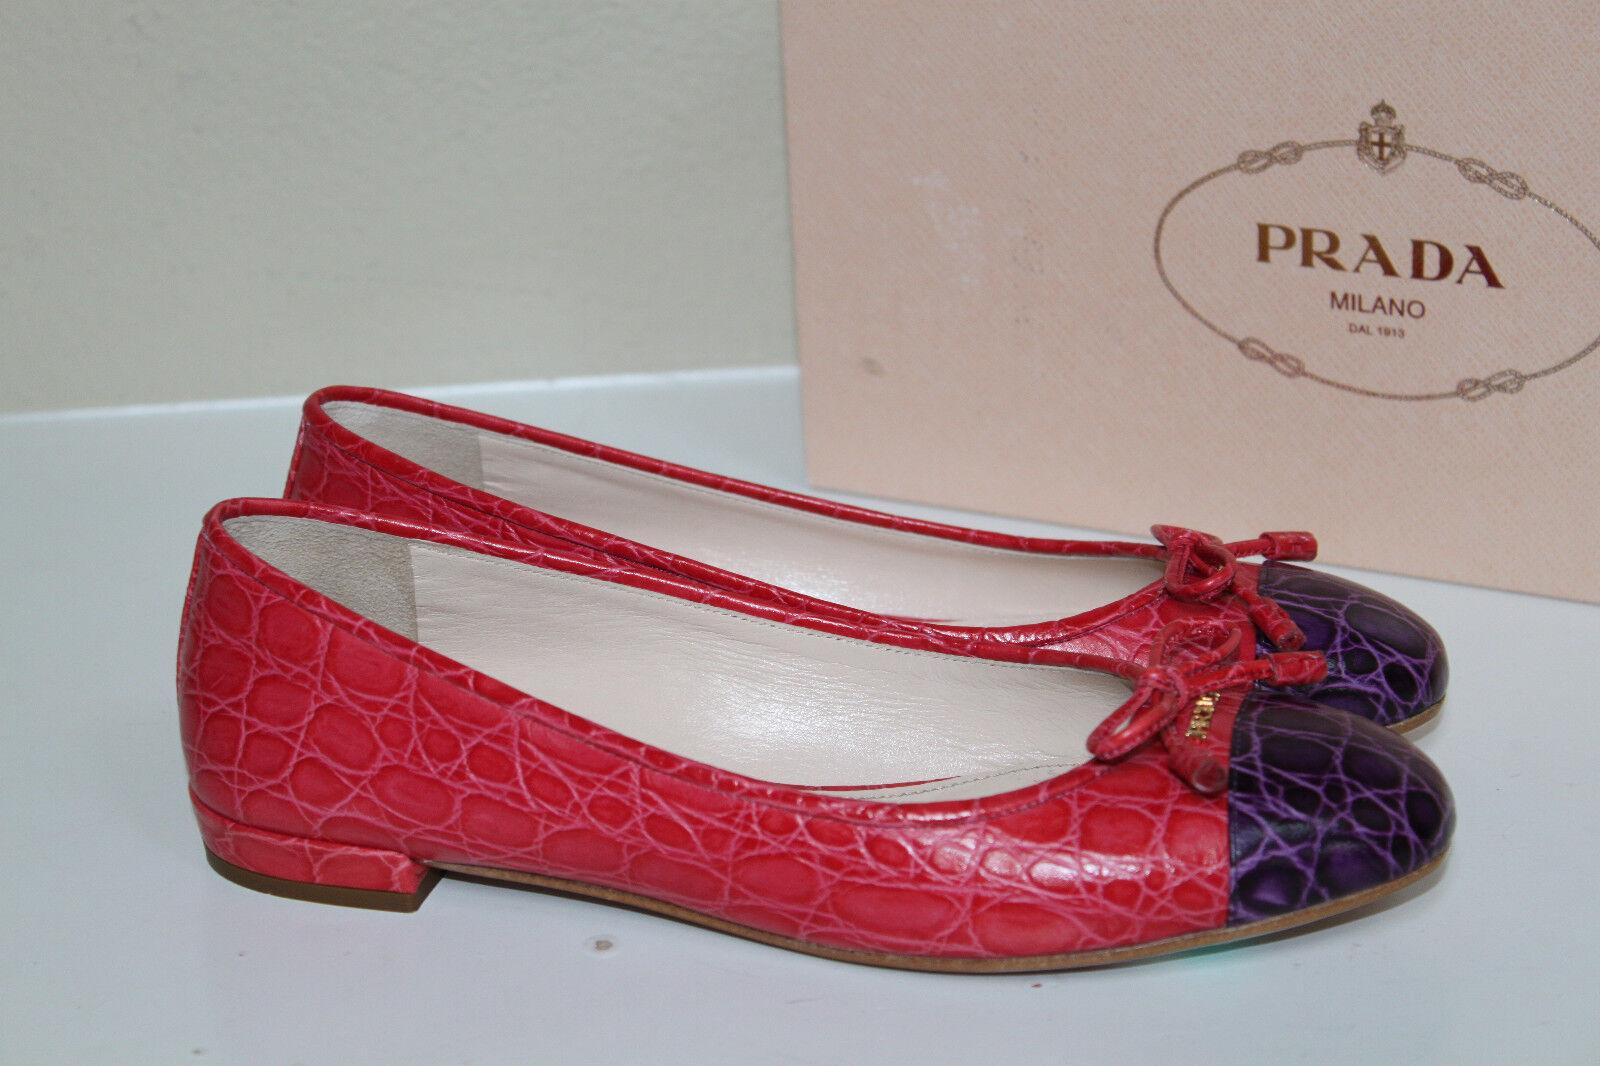 Nuevo 6.5 36.5 rosado Prada Croco de cuero con con con logotipo Ballet Zapatos Planos Clásico Puntera  barato y de moda